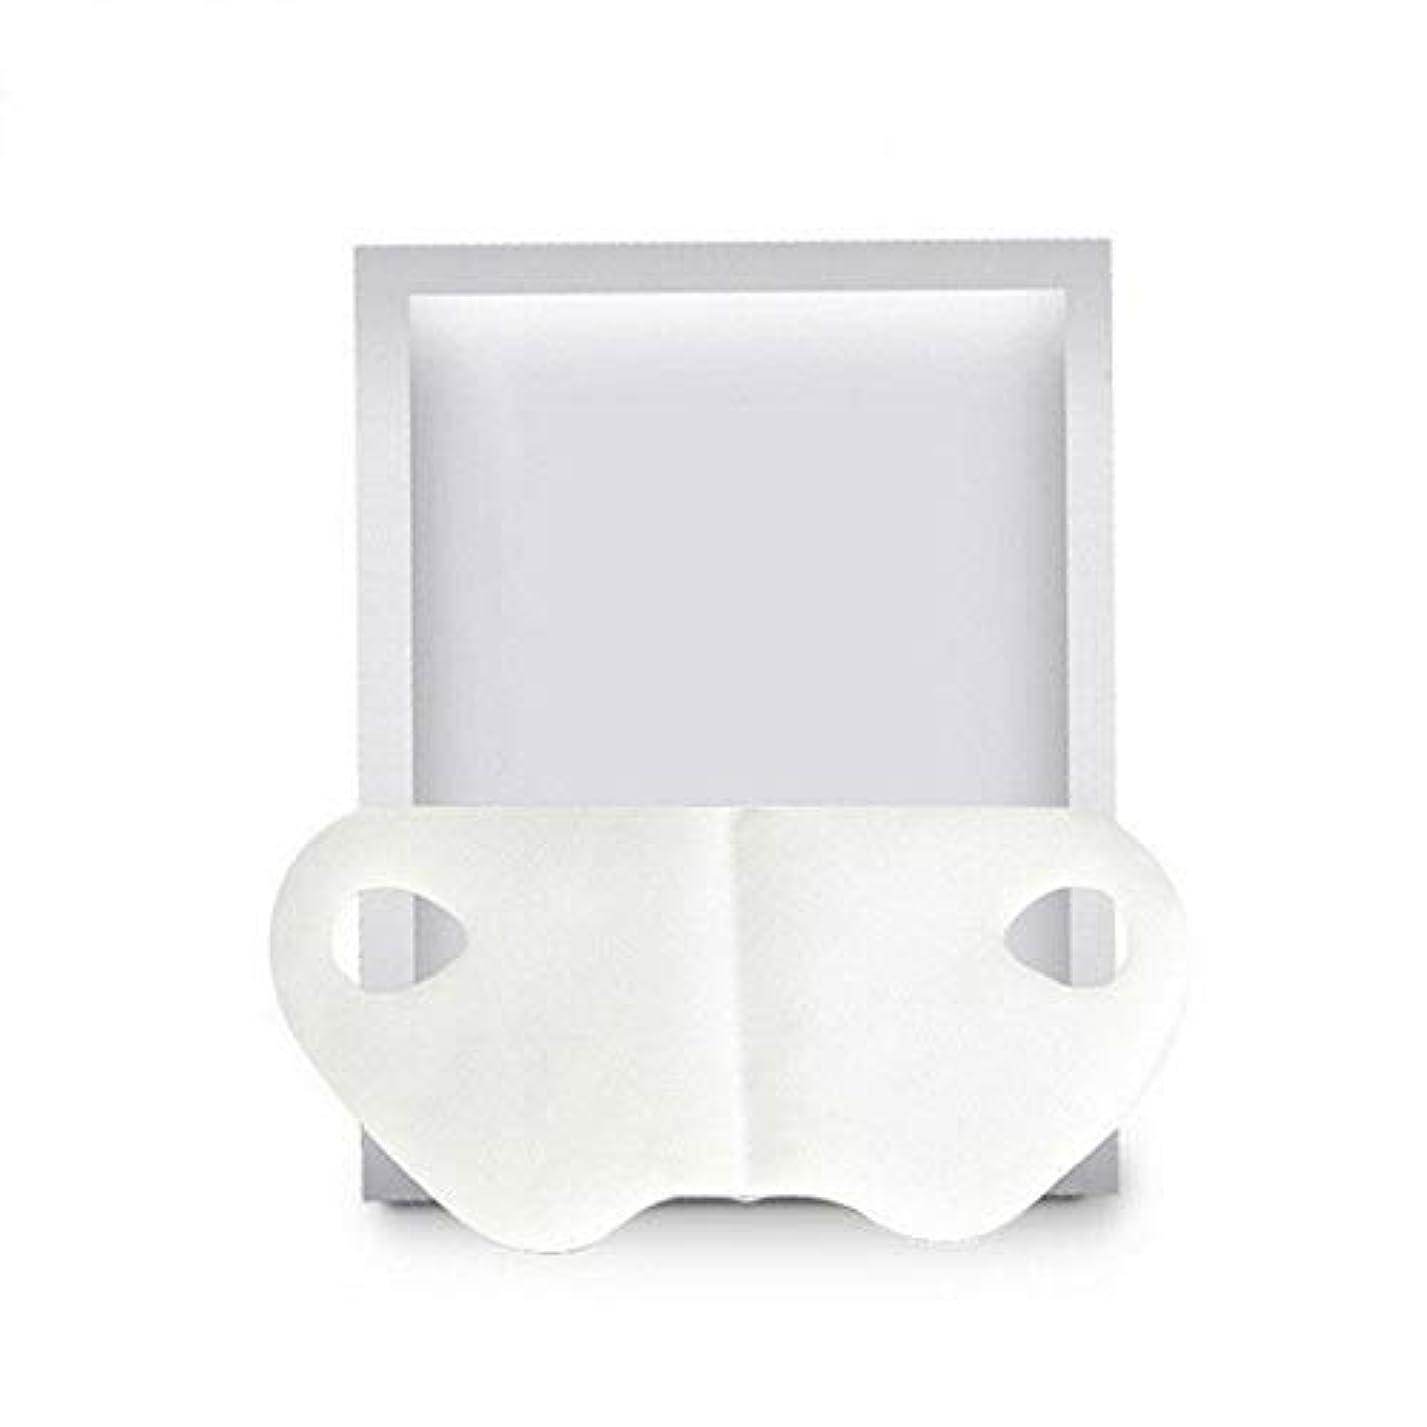 膨らませる相談出版Aylincool   保湿フェイスファーミングマスクをホワイトニングするV字型スリミングフェイスマスク